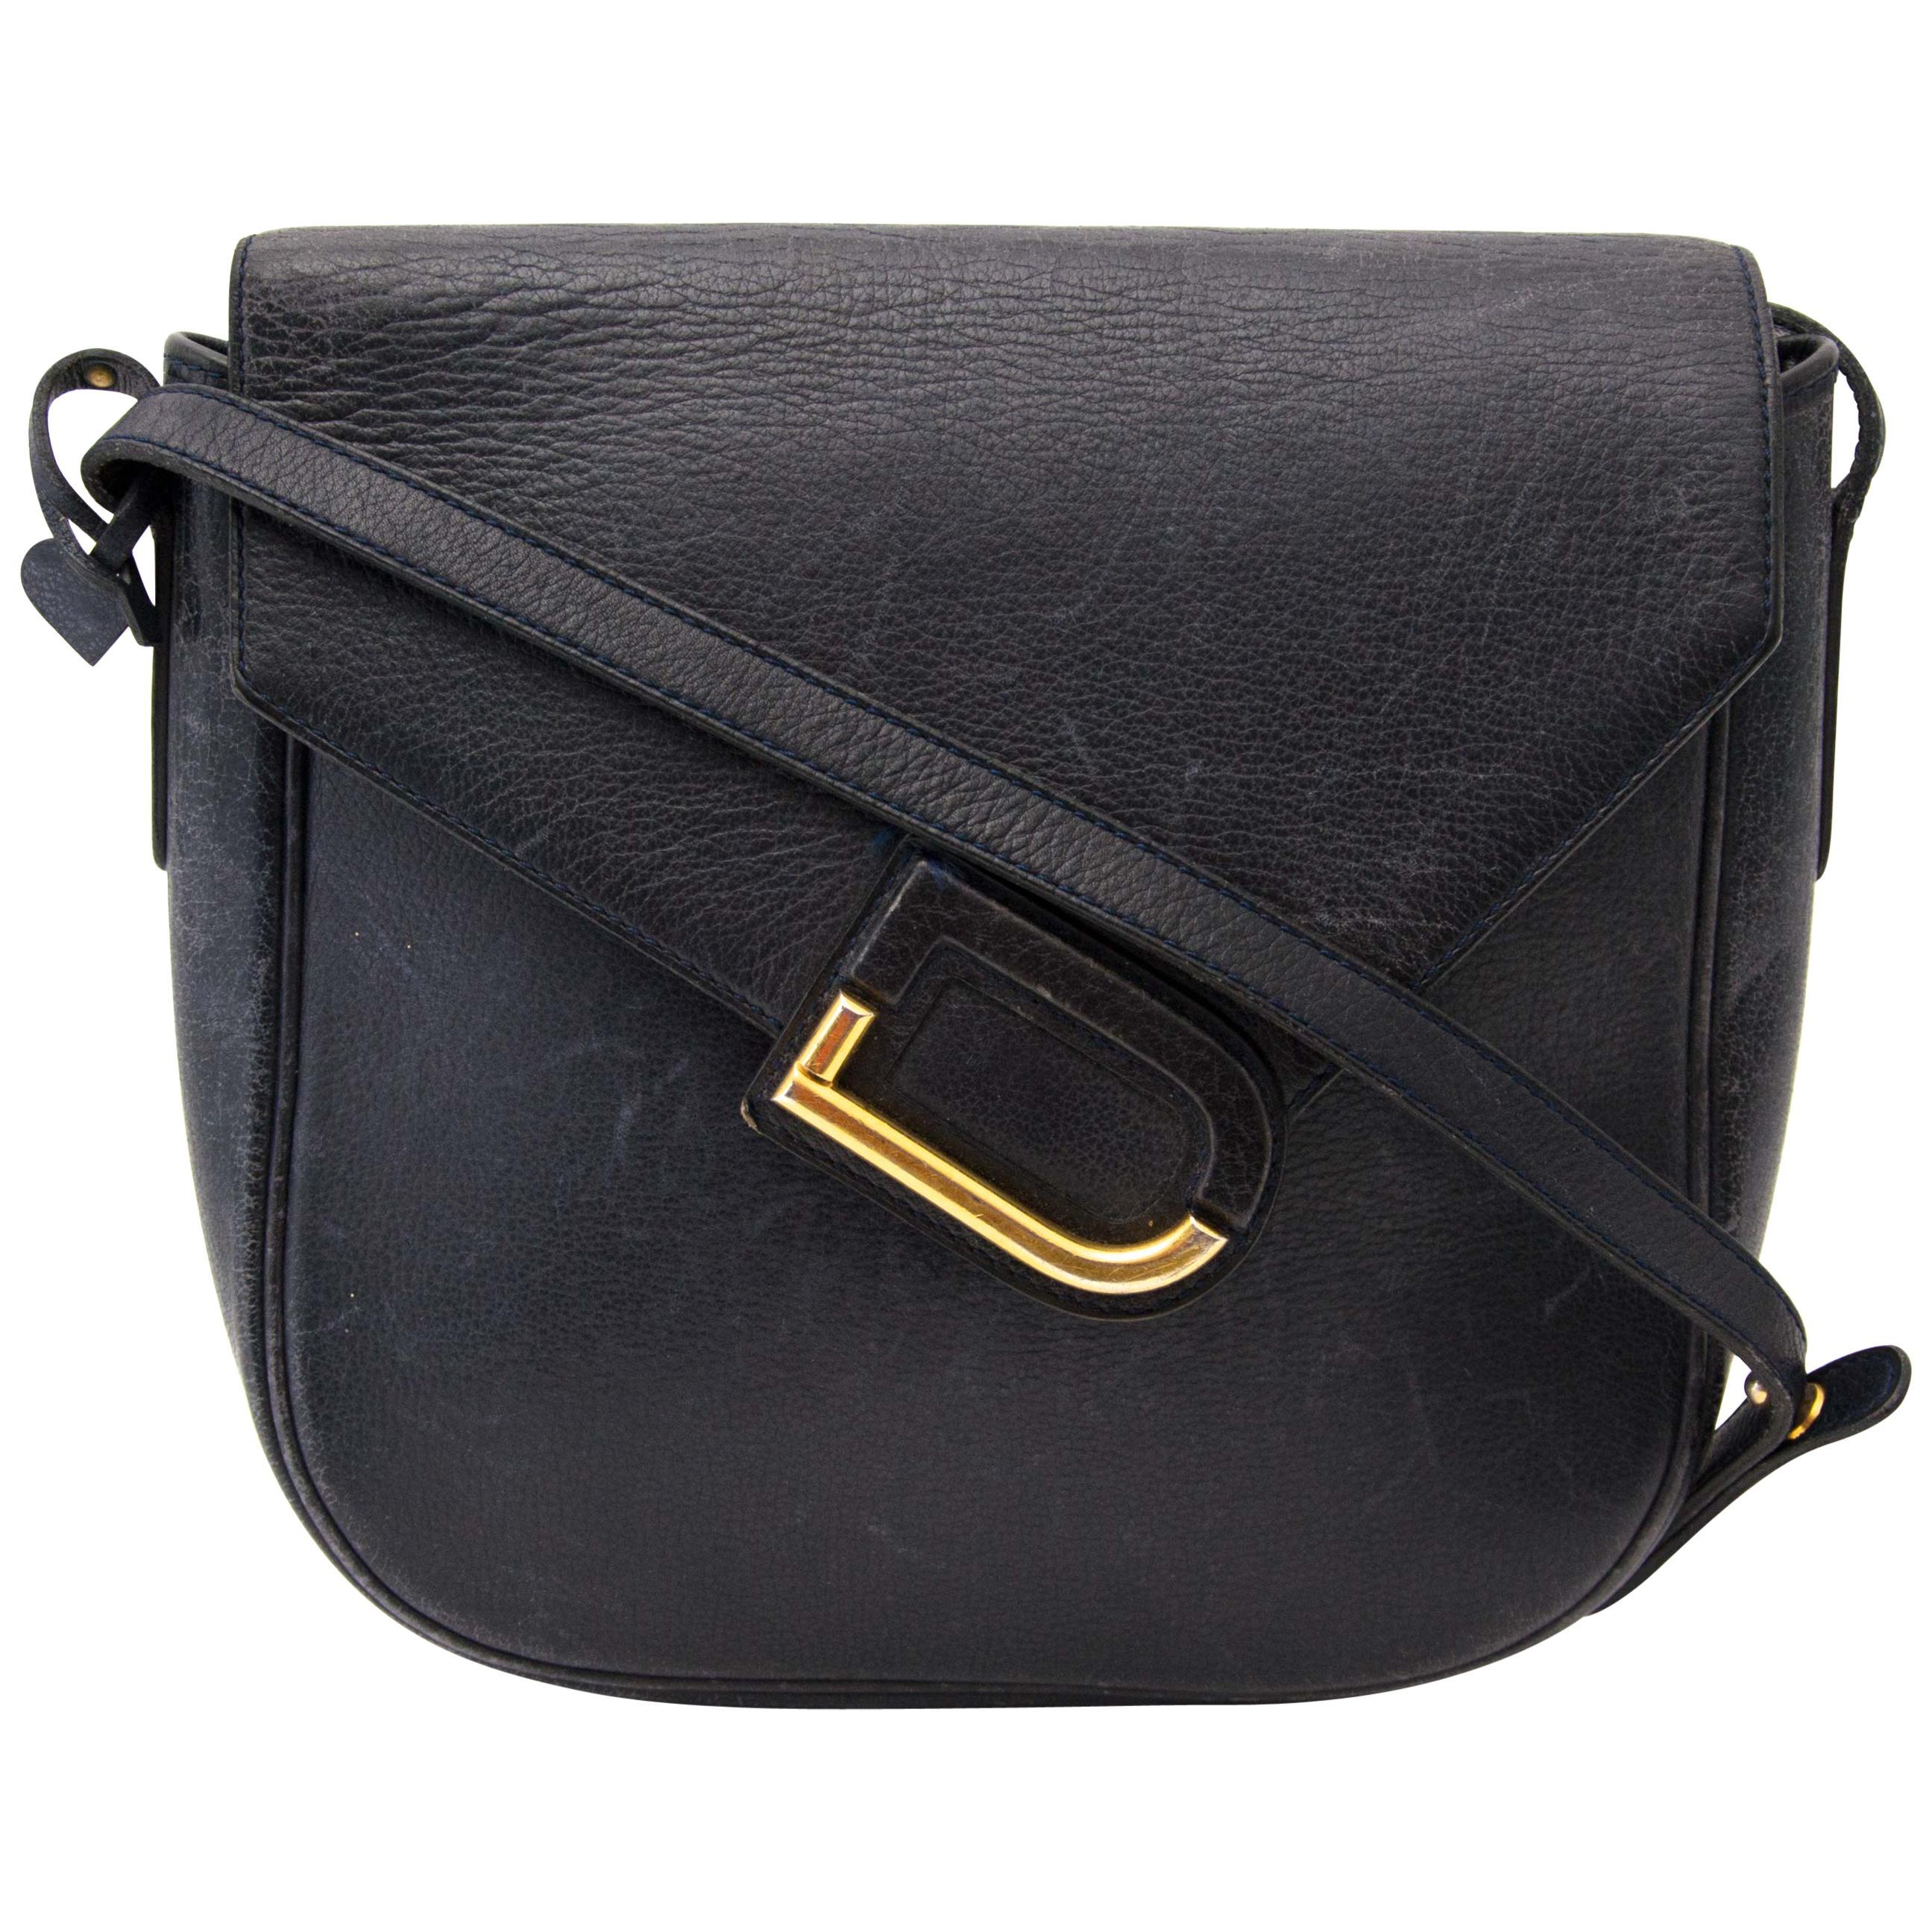 084ee81e219a8b Labellov Tote Bags - 1stdibs